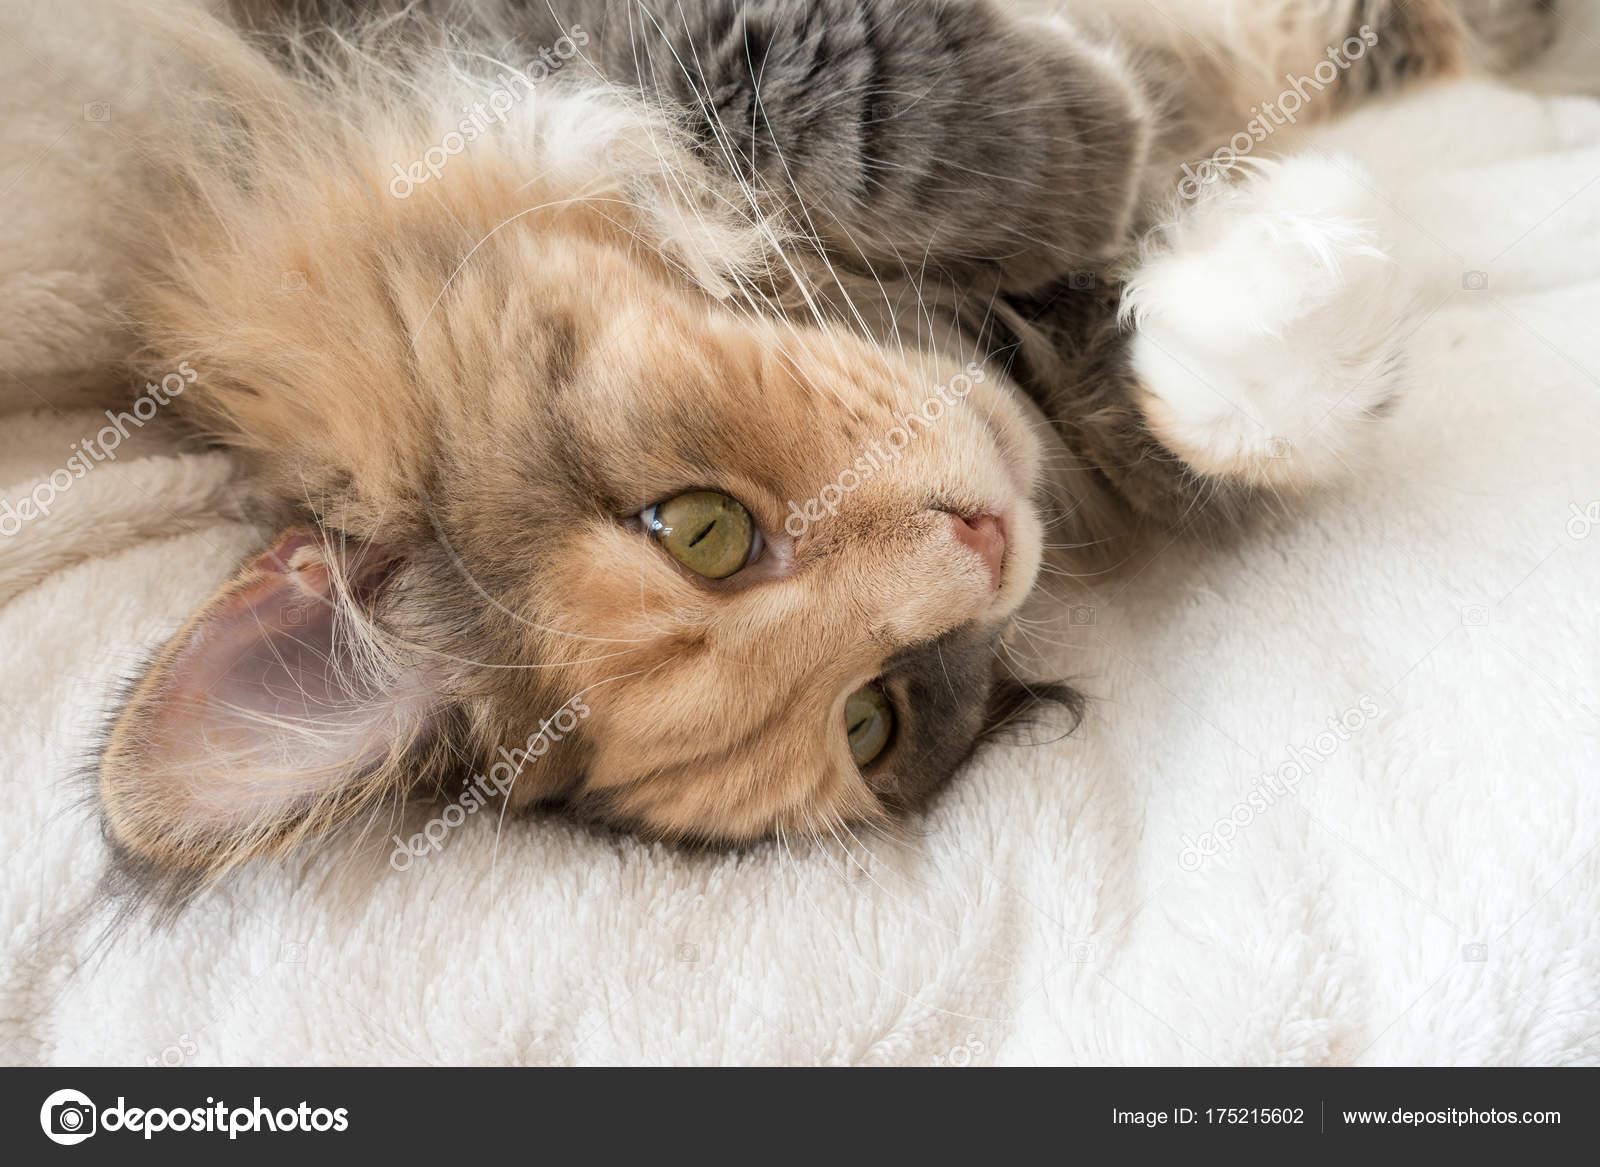 Niebieski Szylkret Pręgowany Z Biały Kot Maine Coon Leżąc Na łóżku